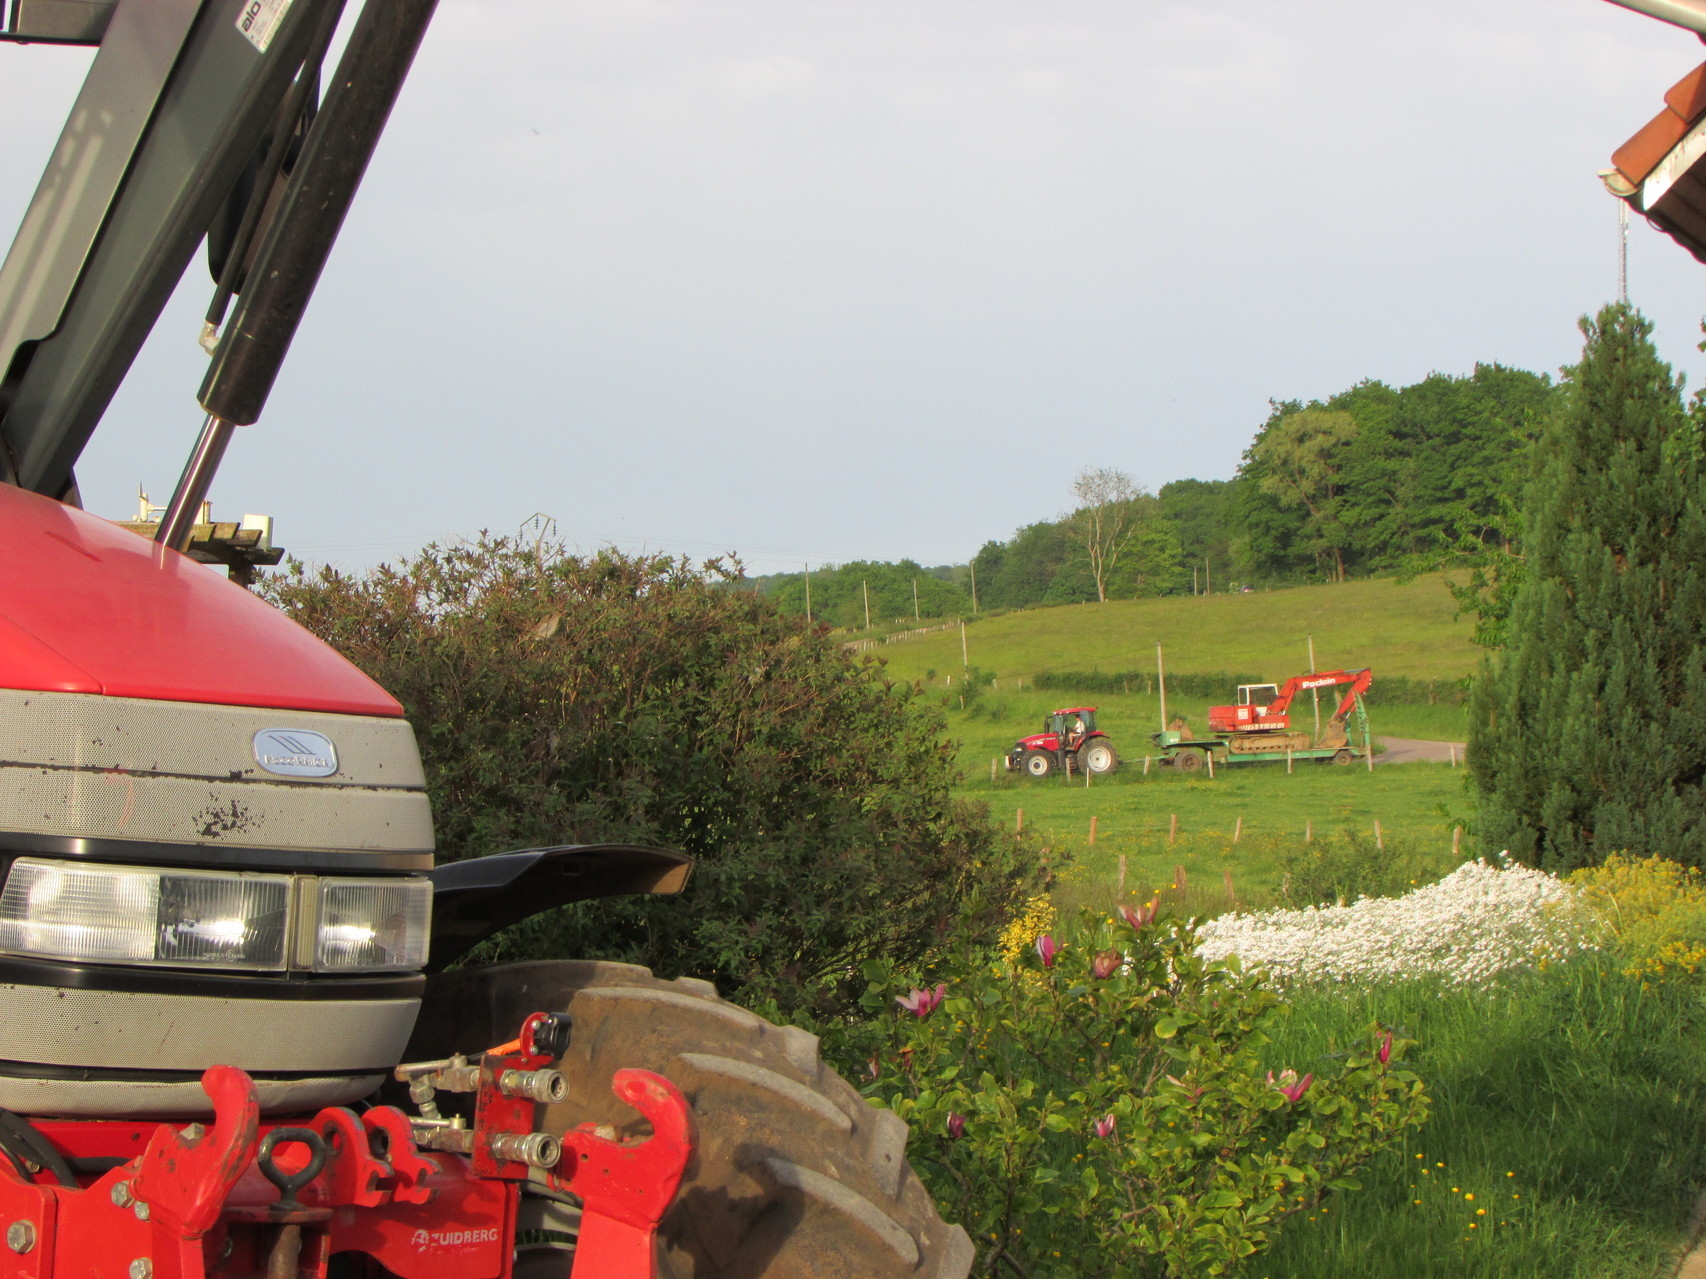 Mc cormick et tracteur d'essai